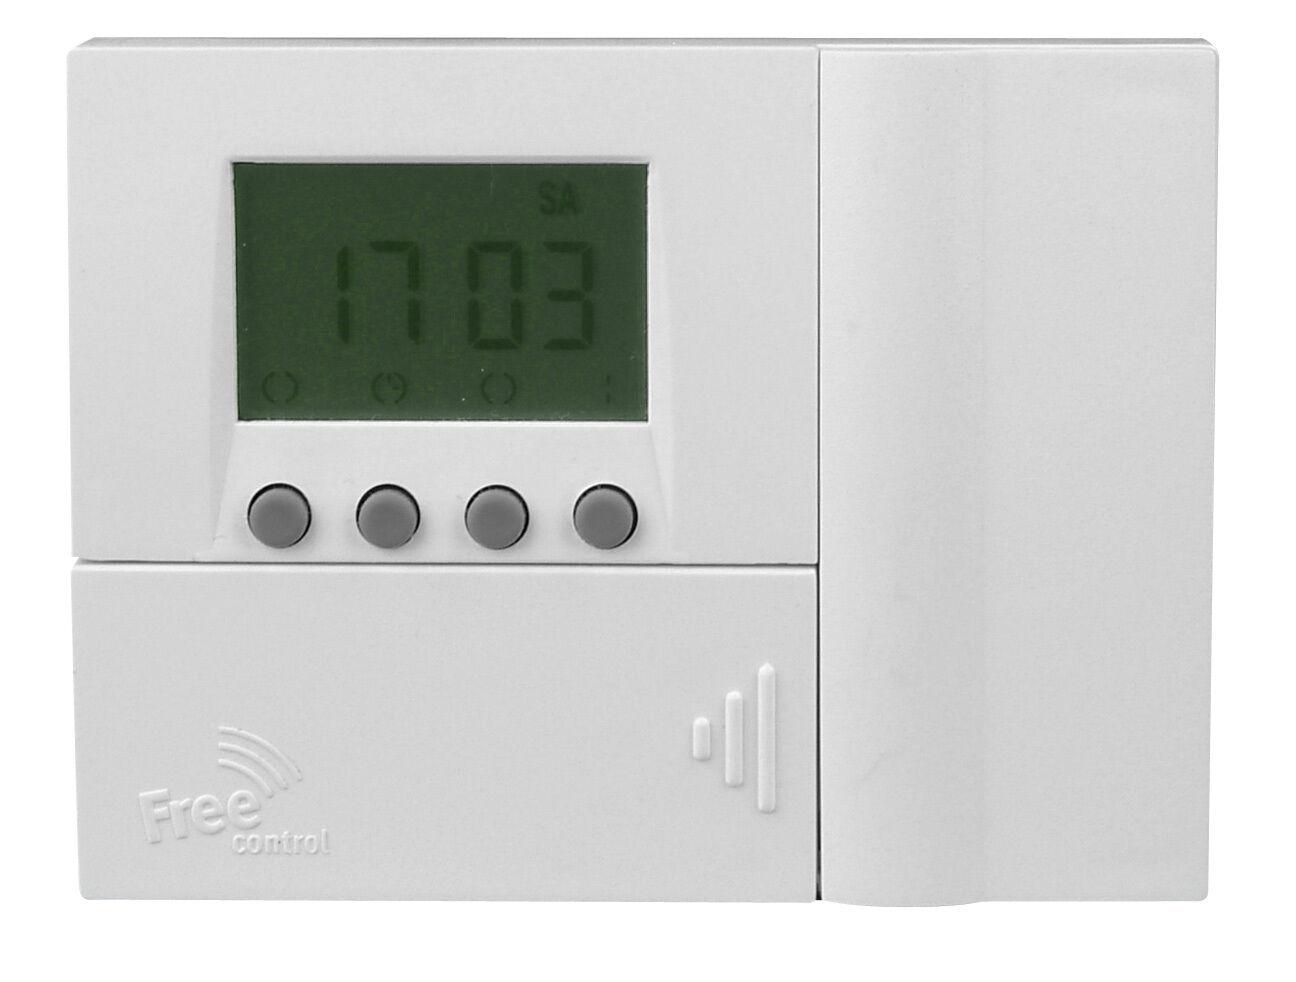 KOPP Free Control Zeitschaltur Funkschalter Wireless - 150m OVP  | Qualifizierte Herstellung